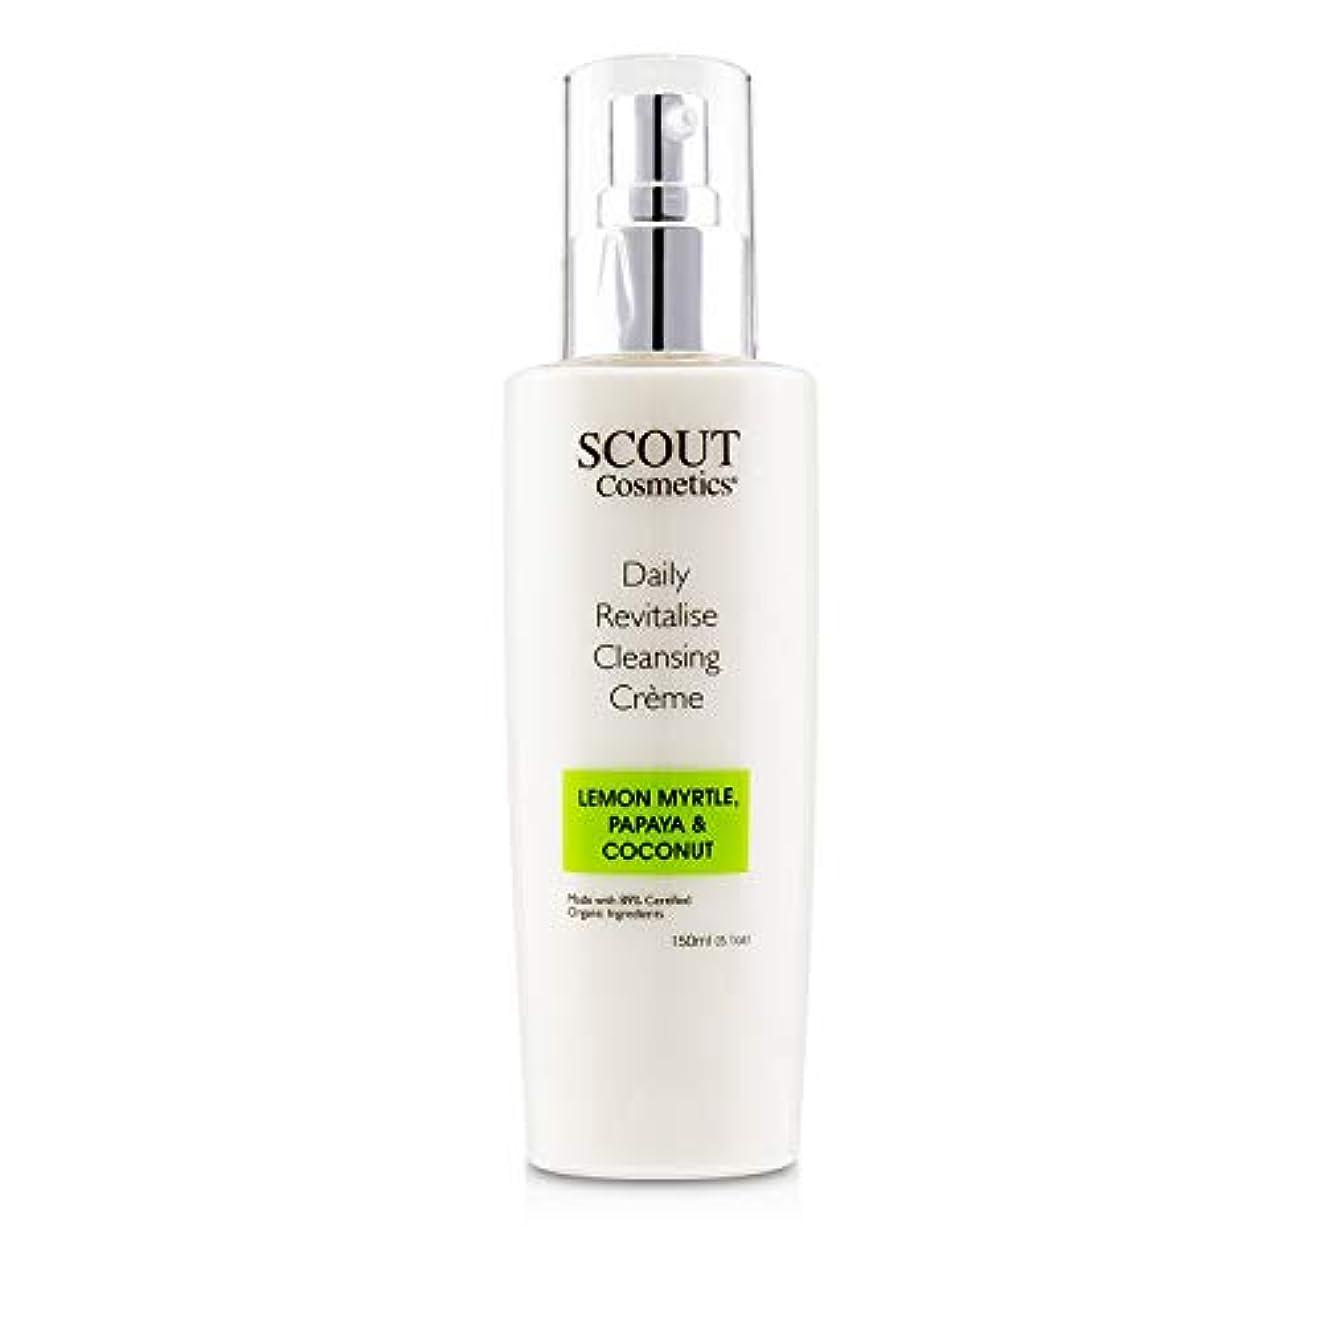 先祖溝アーネストシャクルトンSCOUT Cosmetics Daily Revitalise Cleansing Creme with Lemon Myrtle, Papaya & Coconut 150ml/5.1oz並行輸入品